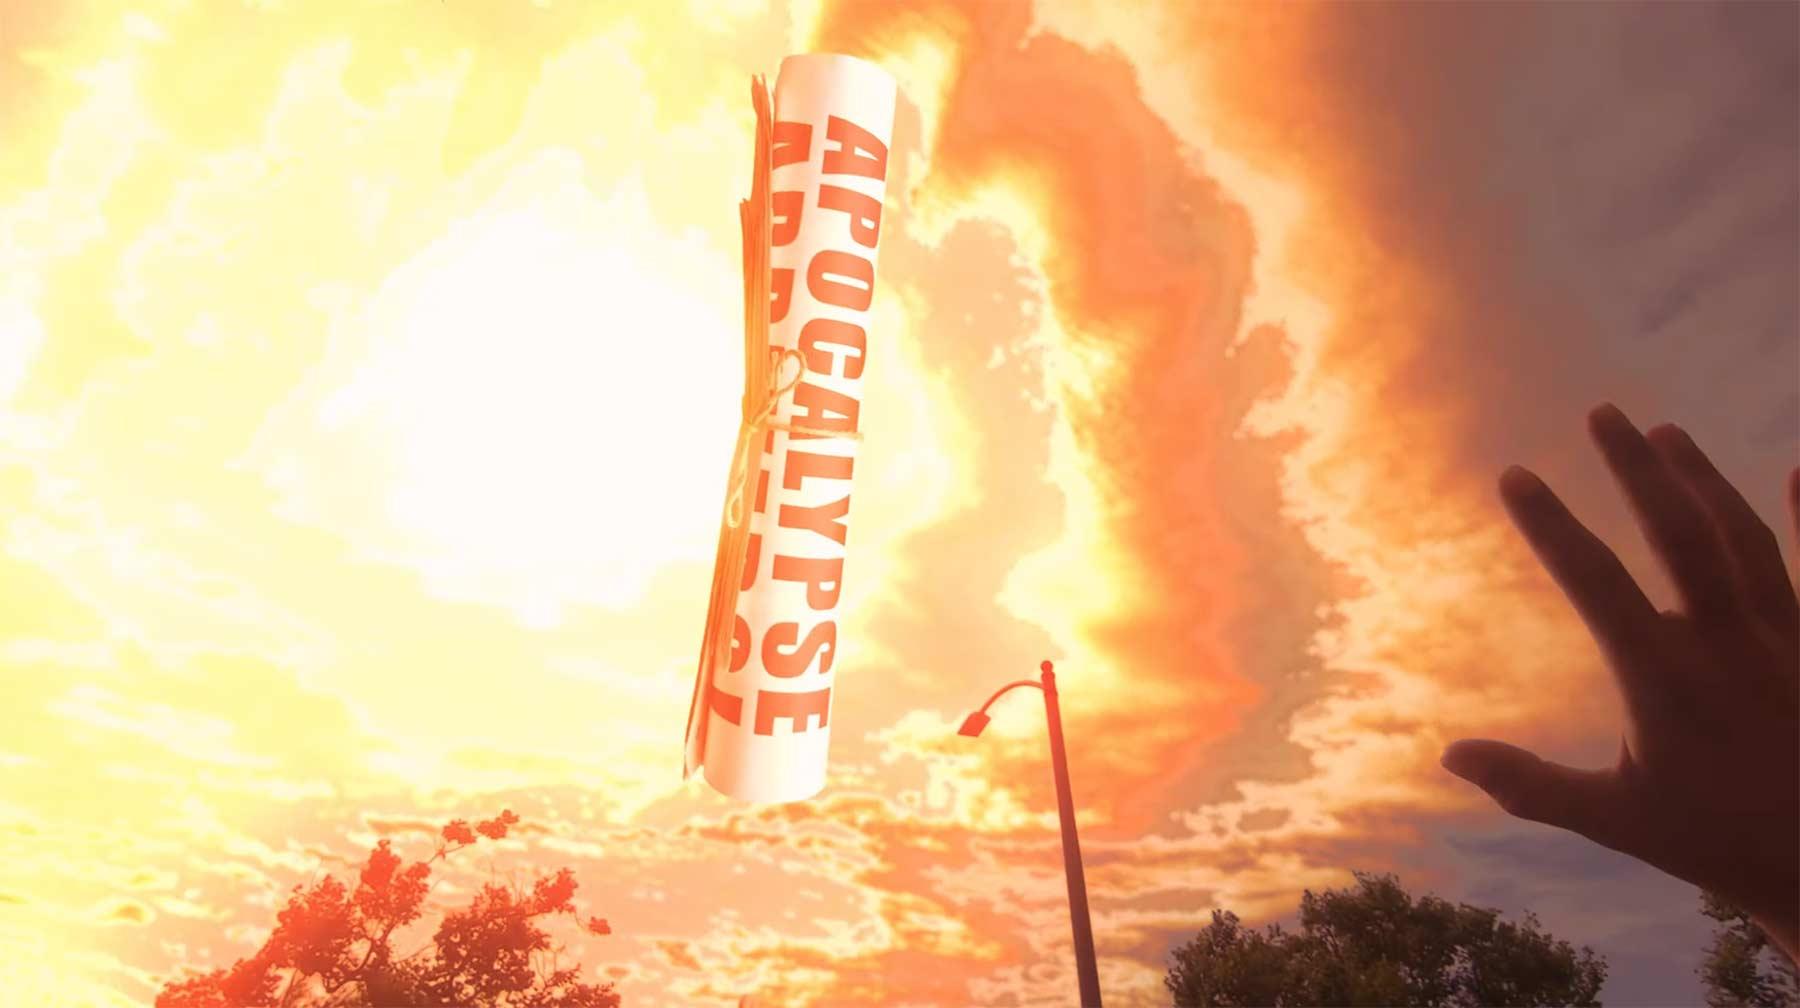 Buttered Side Down gegen die Apokalypse buttered-side-down-apokalypse